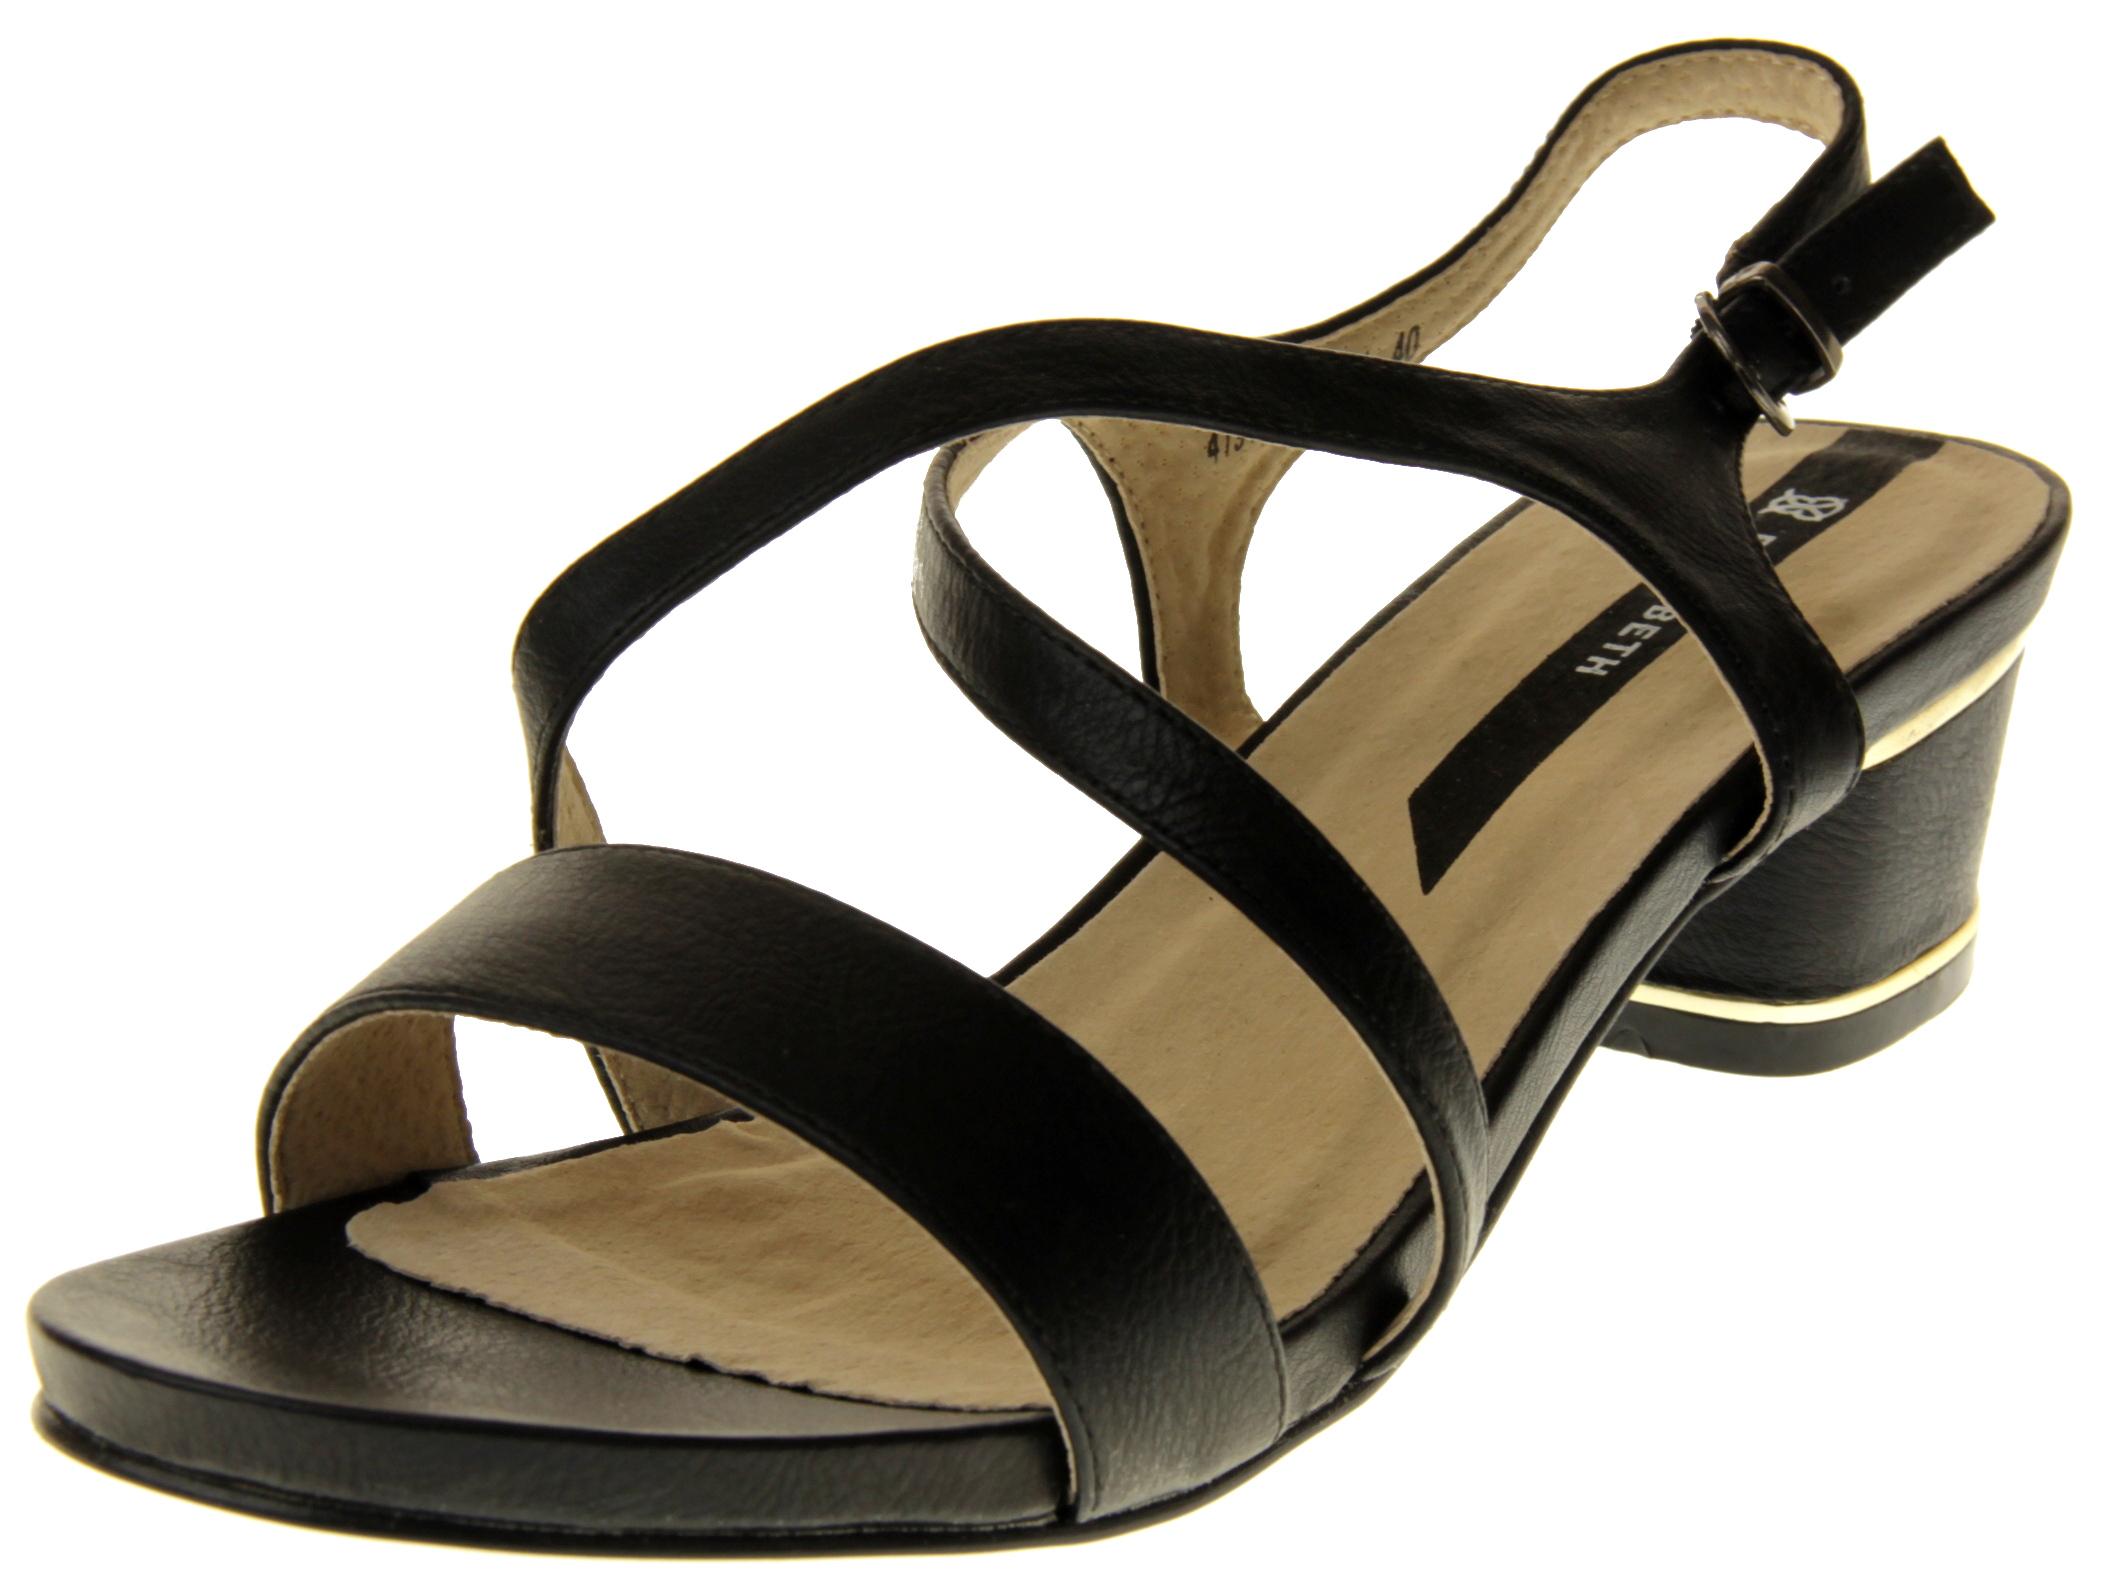 6655287071 Womens Ladies Elisabeth Faux Leather Low Block Heel Sandals   Womens, Mens,  Kids Shoes   Heels, Trainers & Boots   Footwear Studio